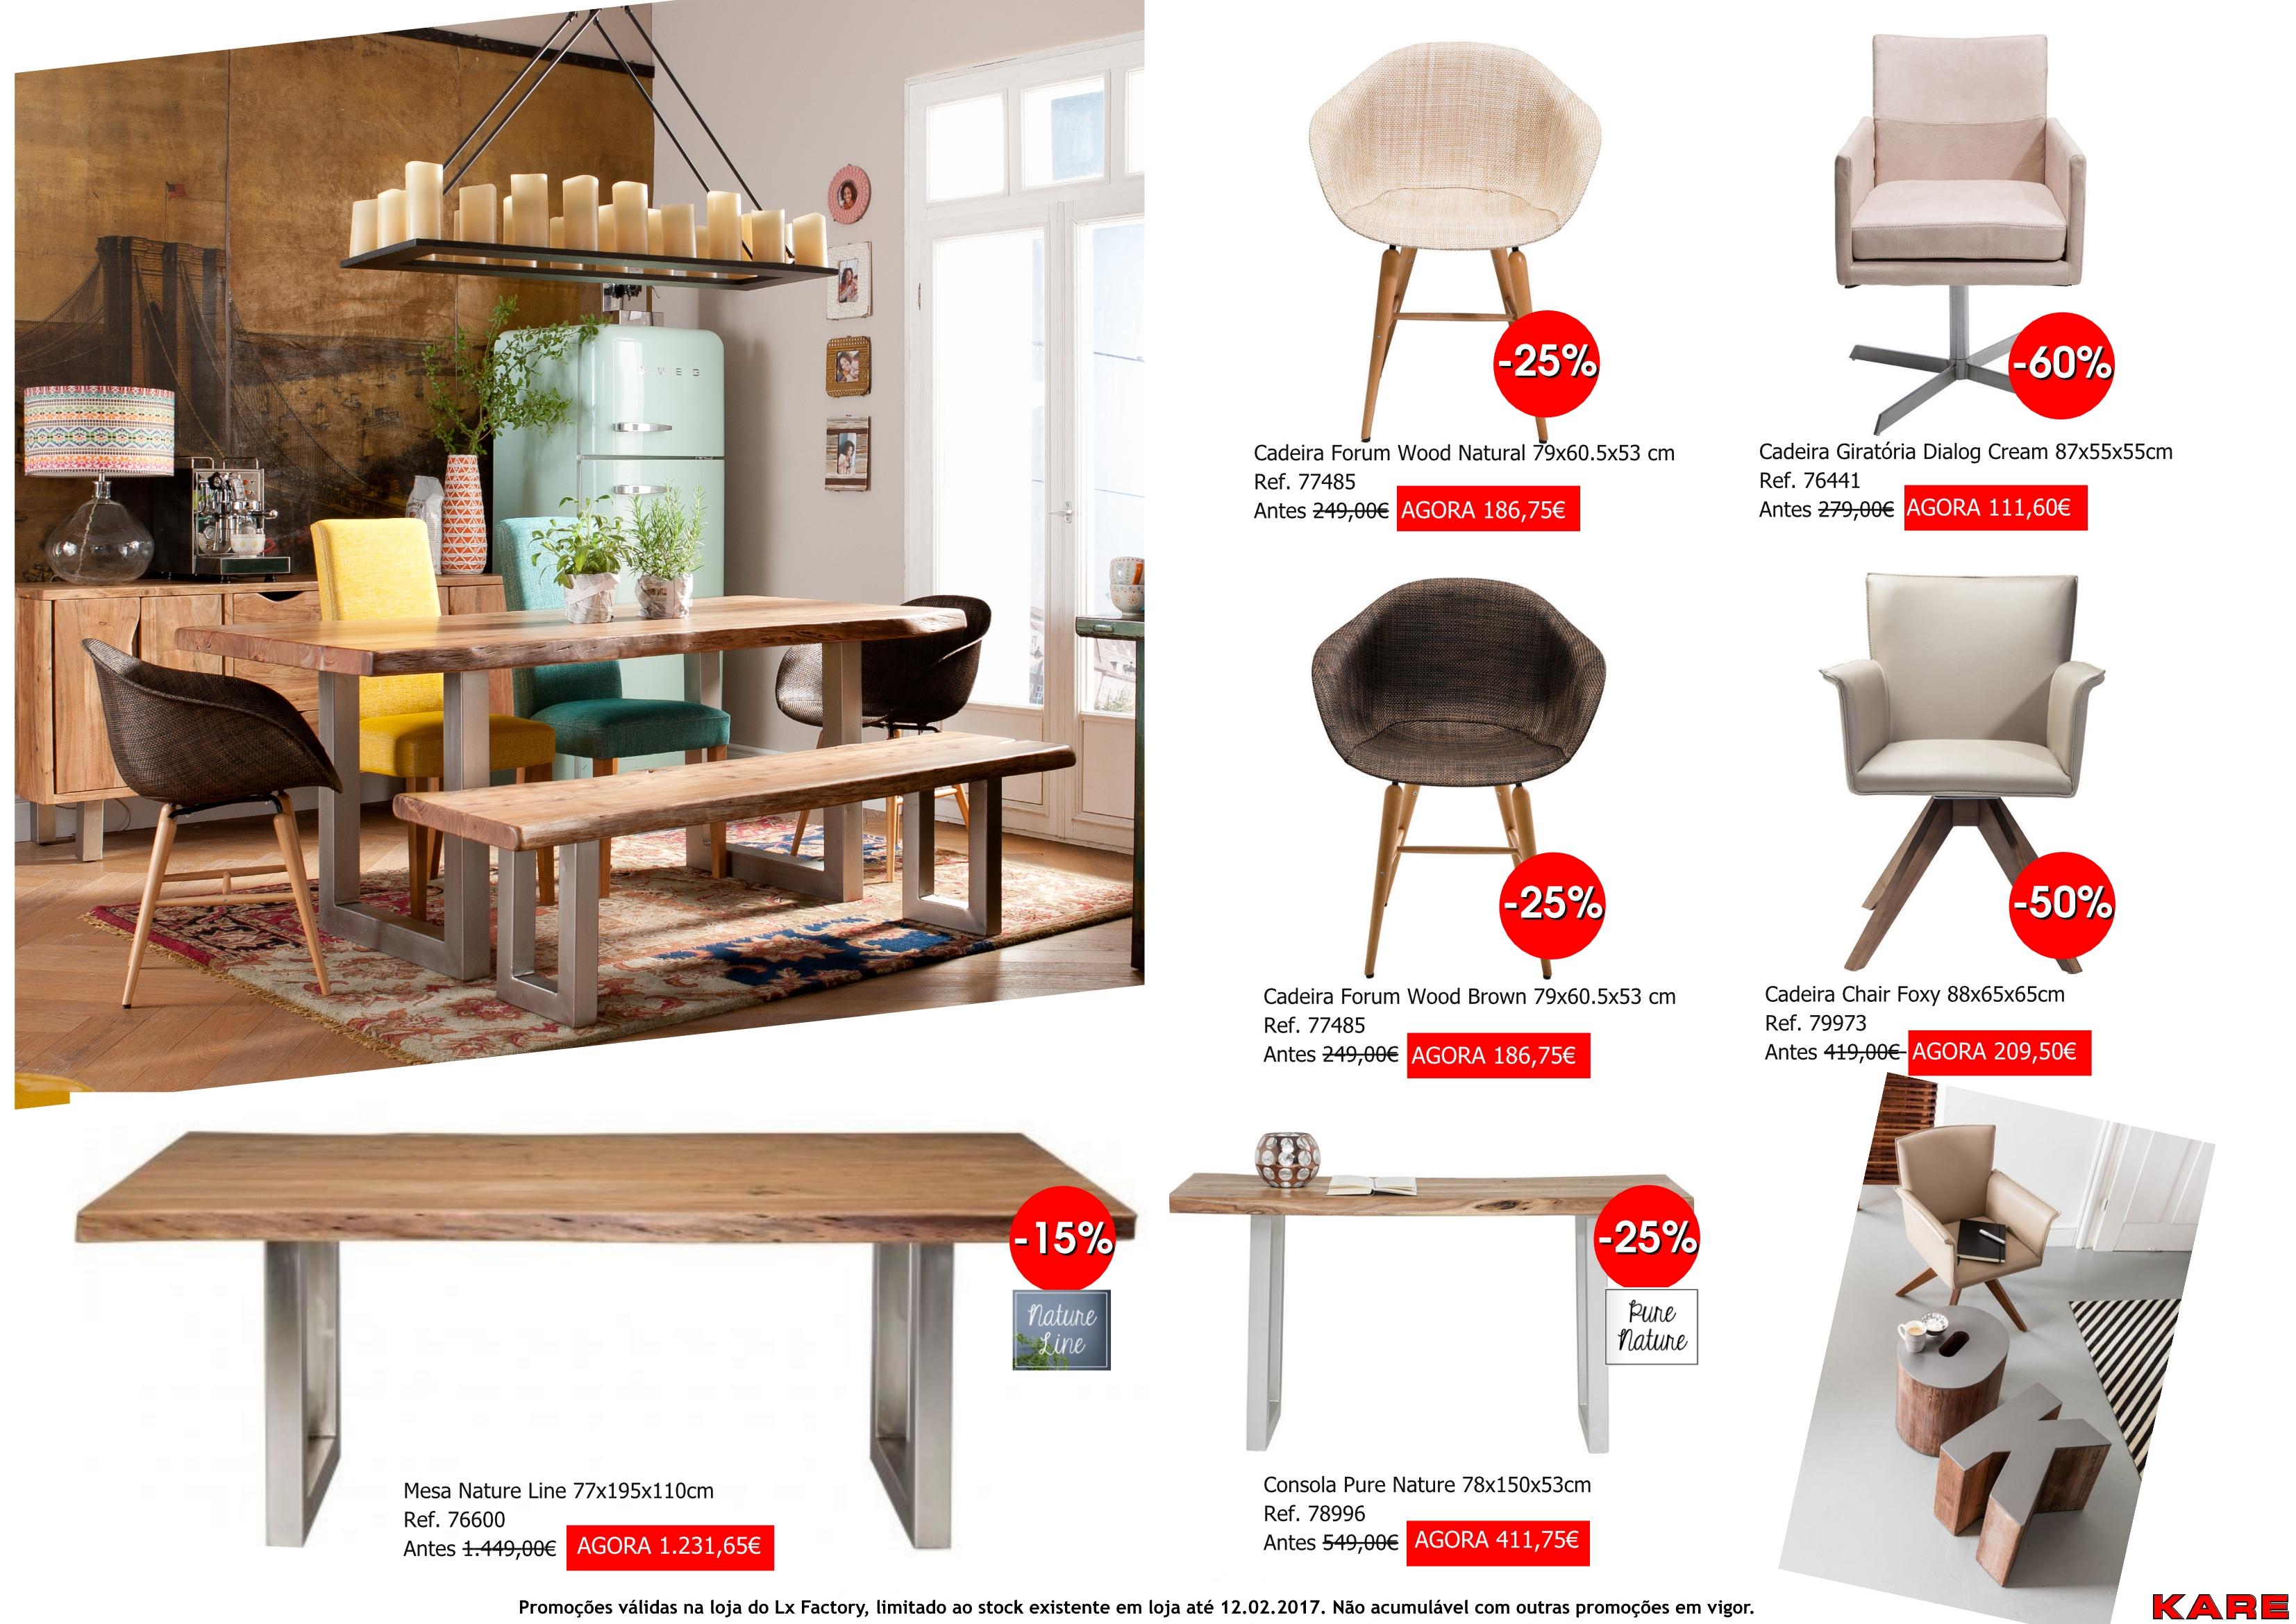 cadeiras e mesa nature line pure nature-page008